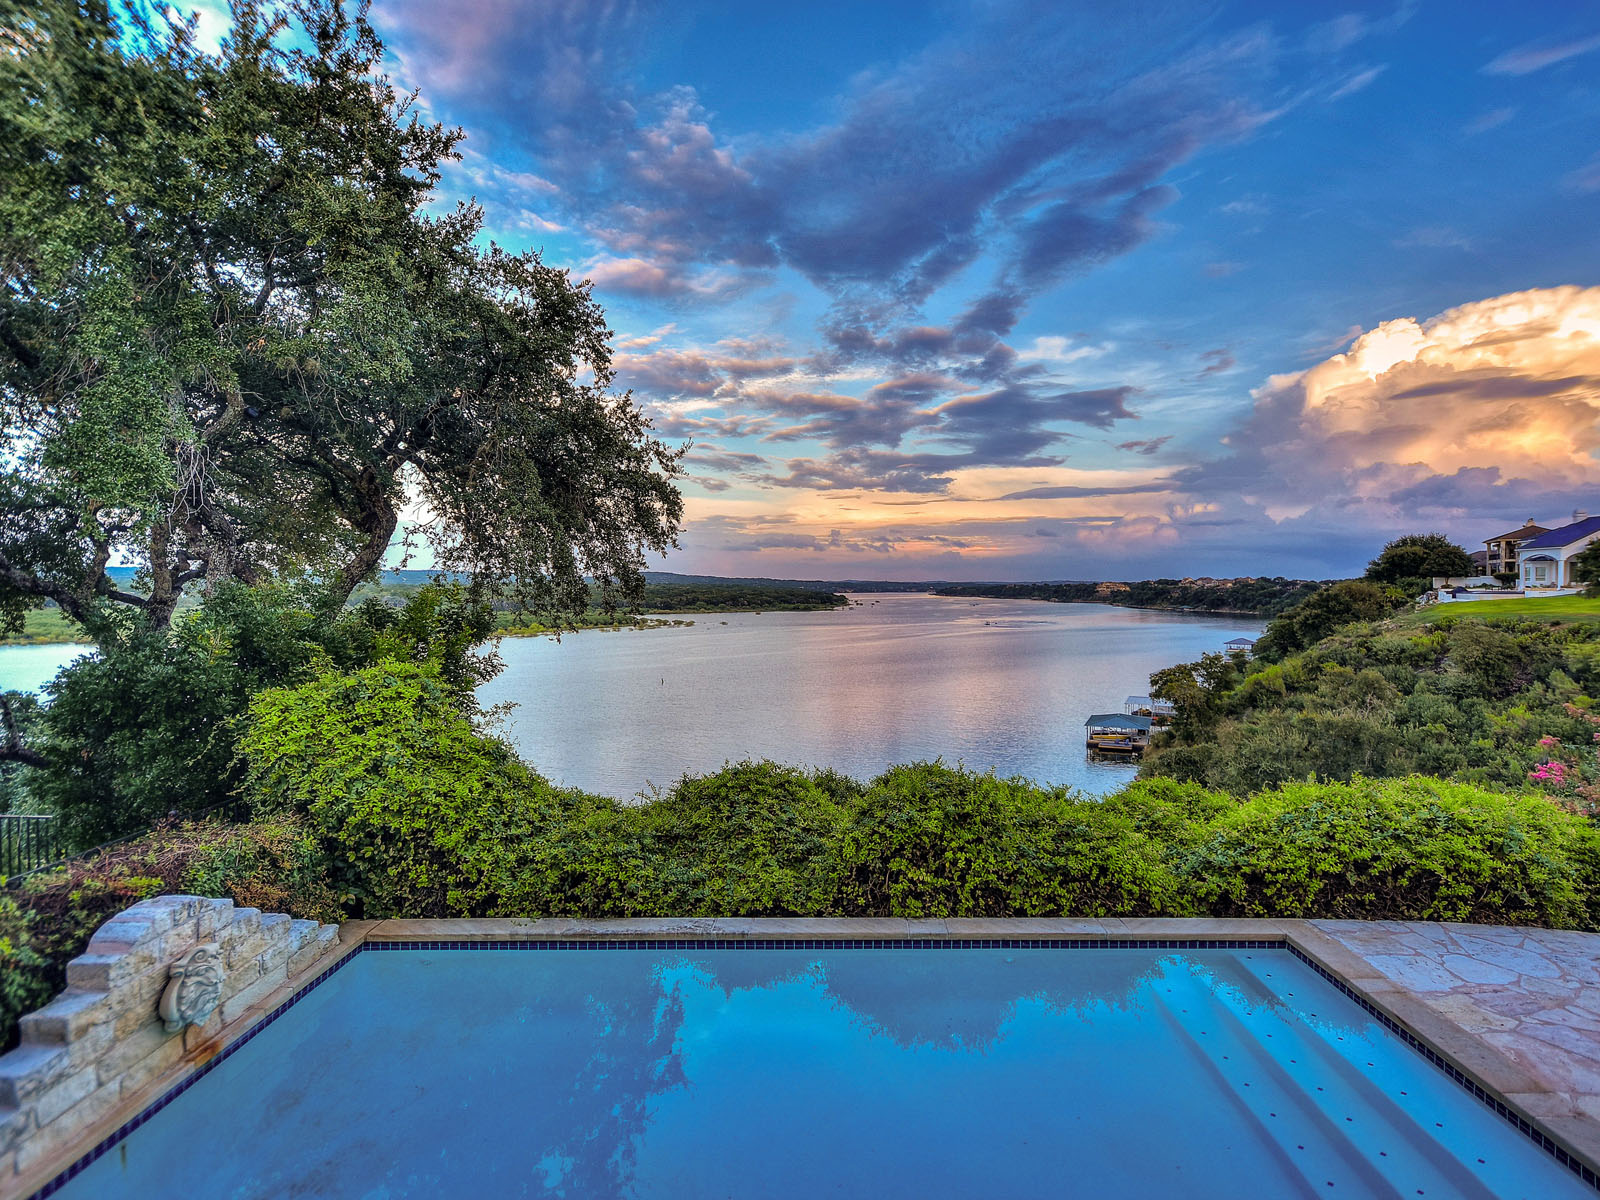 Casa Unifamiliar por un Venta en Tom Landry's Lakeside Villa 27000 Catamaran Dr 7 Spicewood, Texas 78669 Estados Unidos